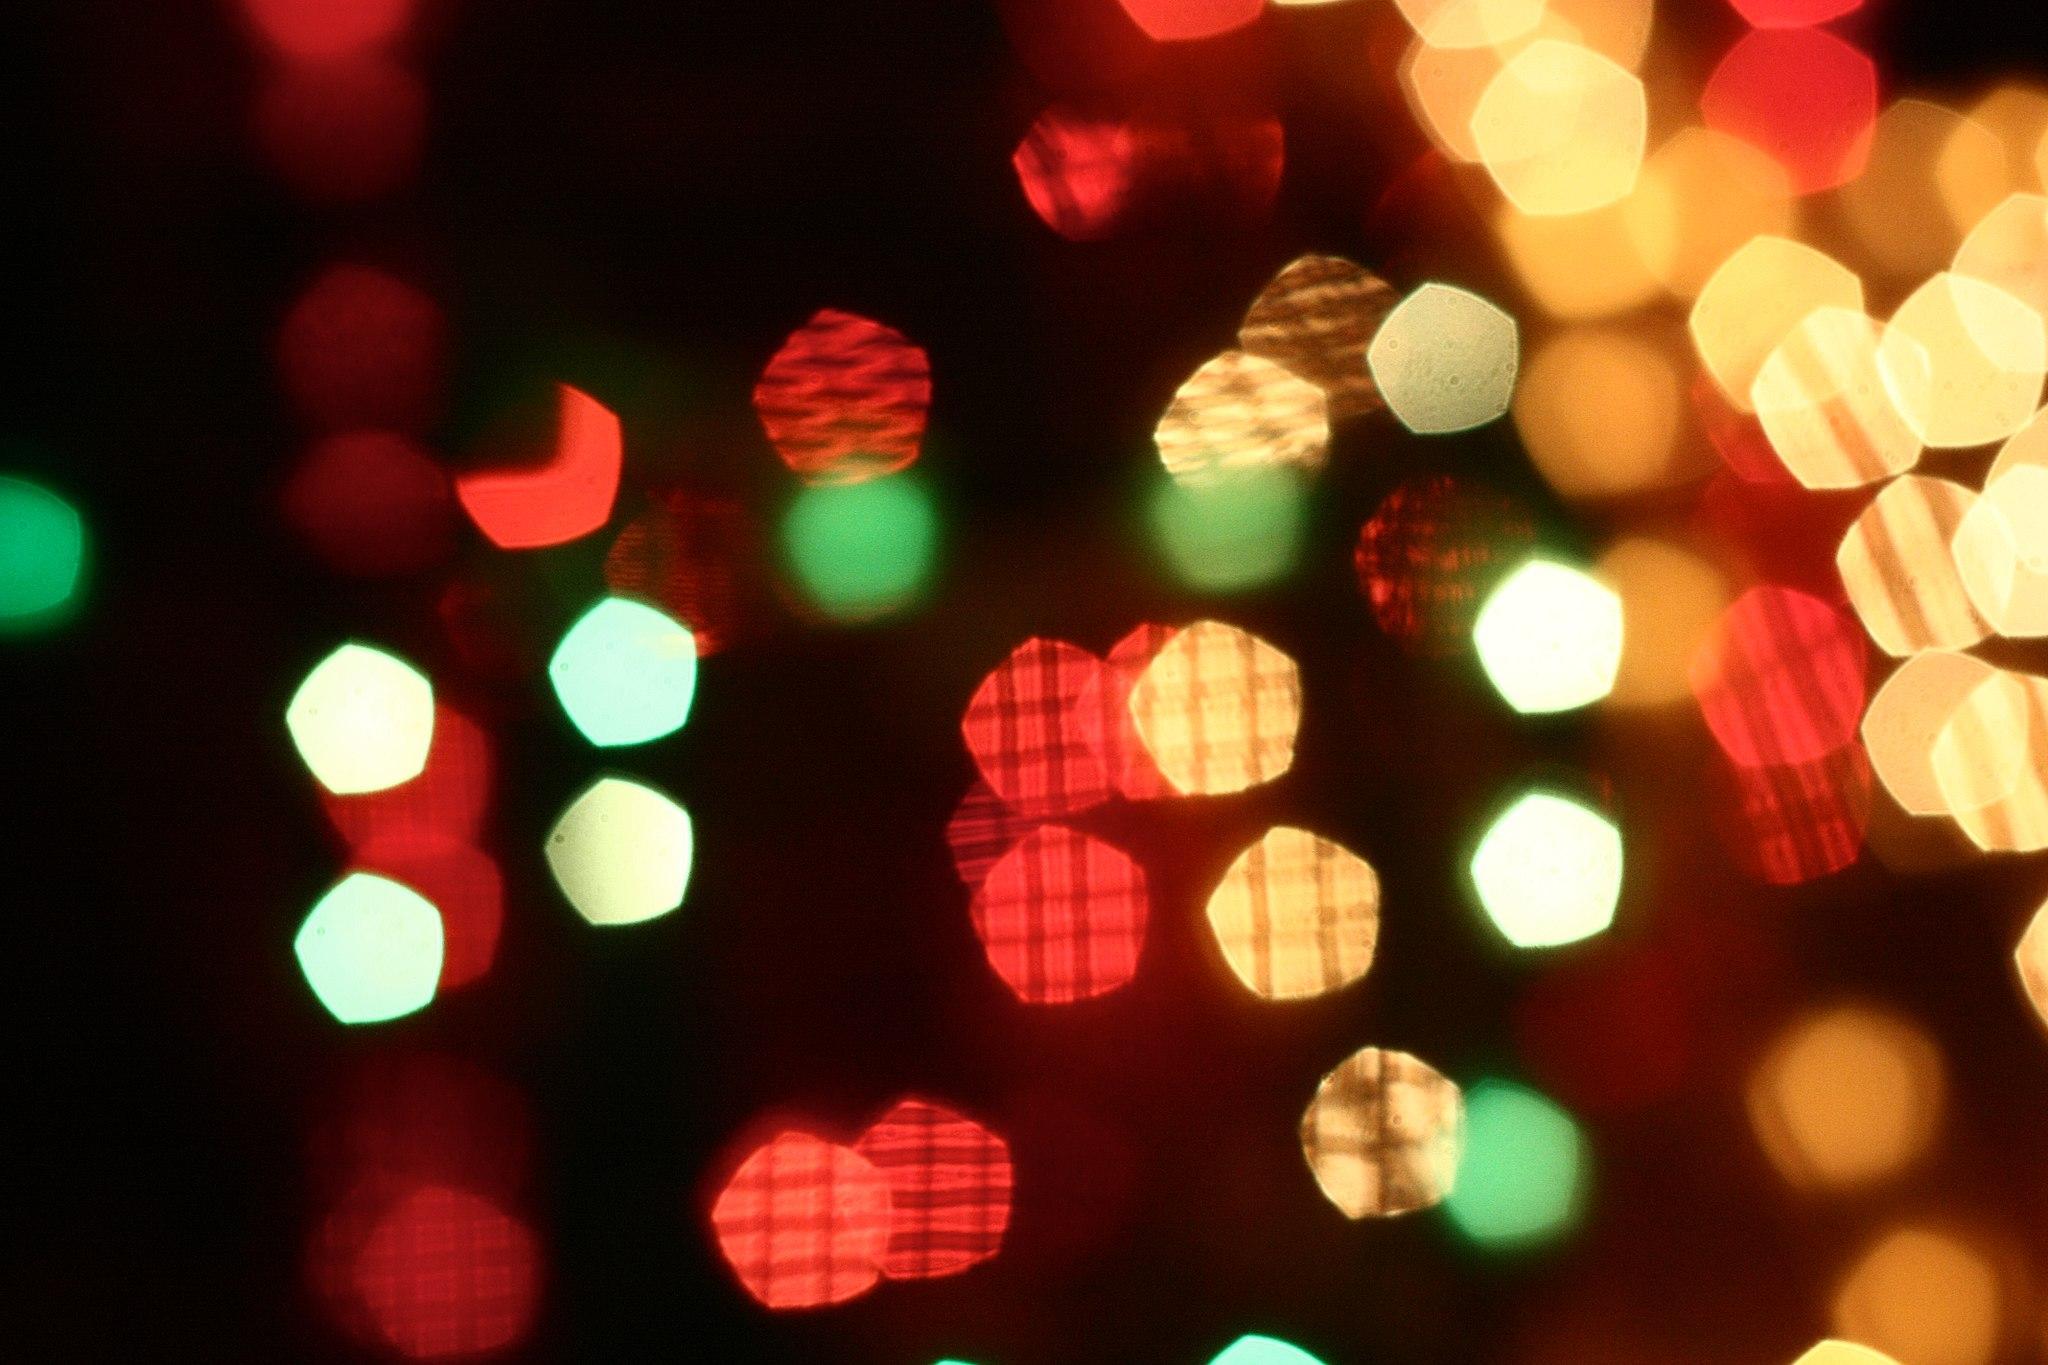 Happy Holidays (5318408861)